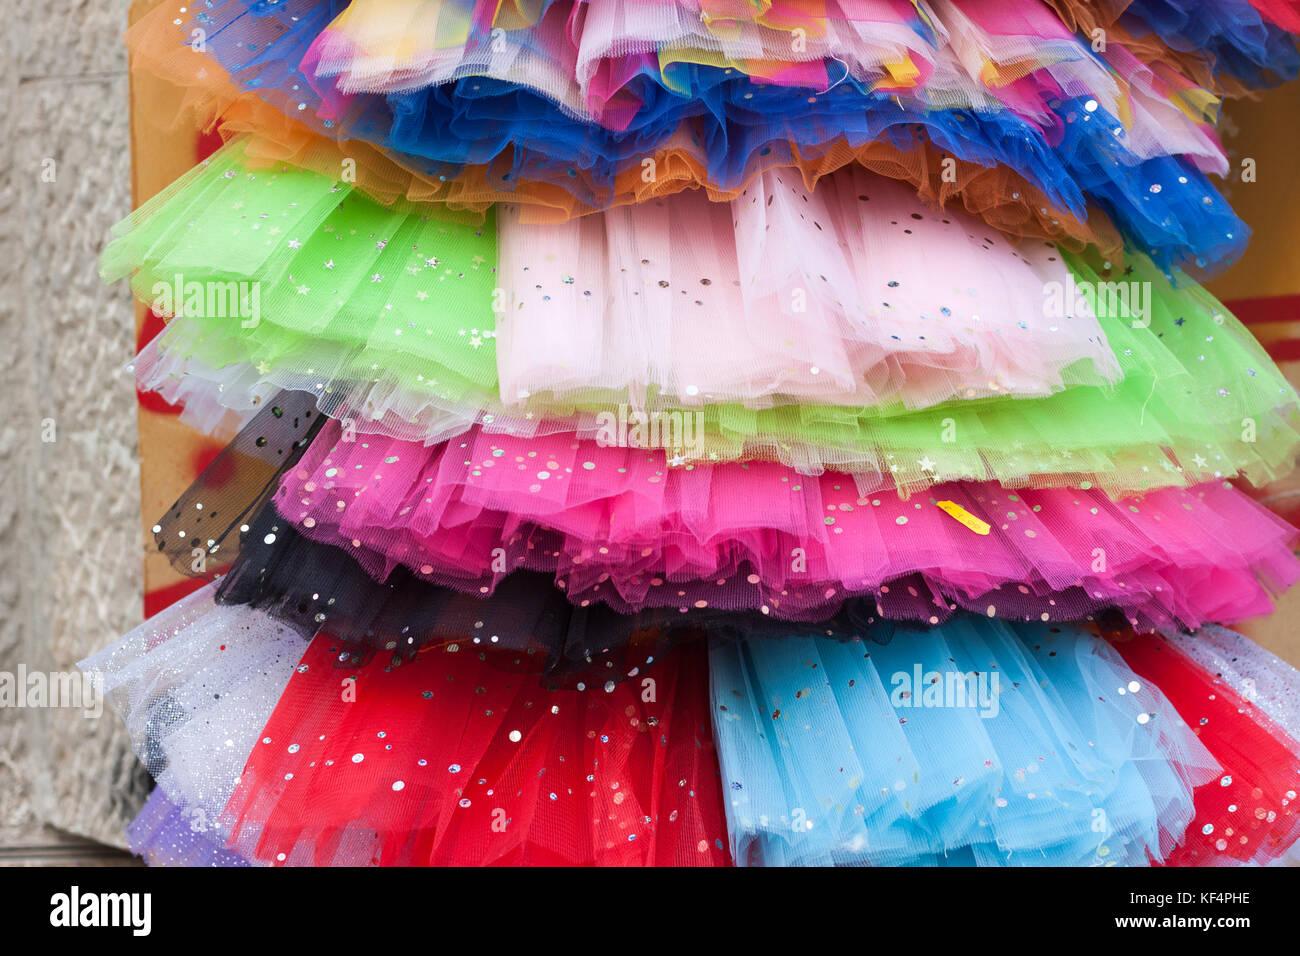 Colourful tutu skirts for sale in Palma, Majorca, Spain - Stock Image